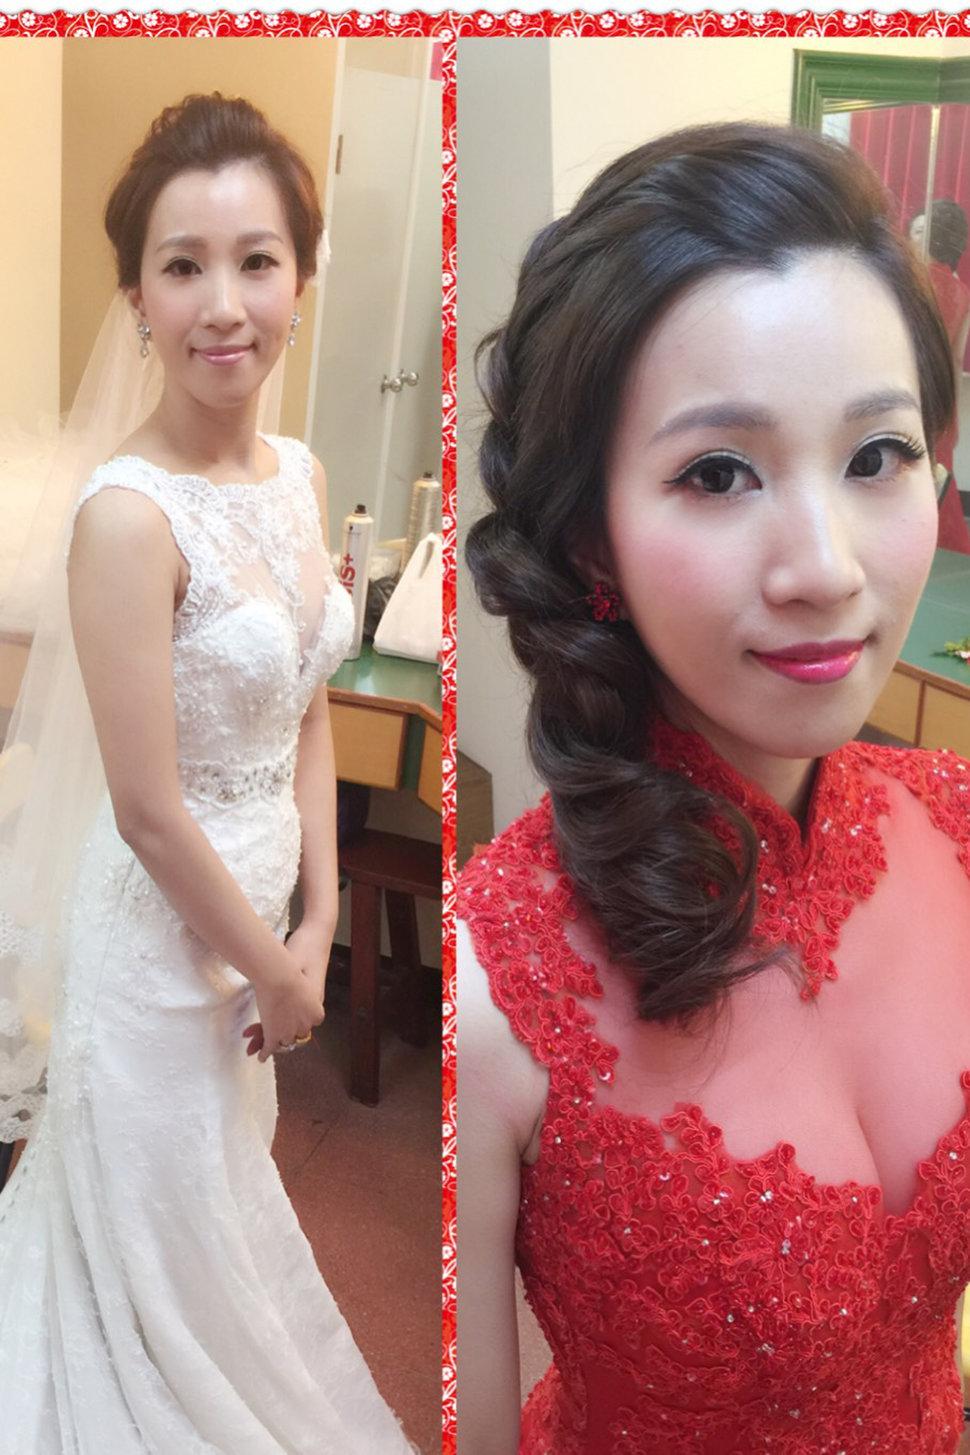 蓓麗宛婚禮事業(編號:559018) - 蓓麗宛婚禮時尚 - 結婚吧